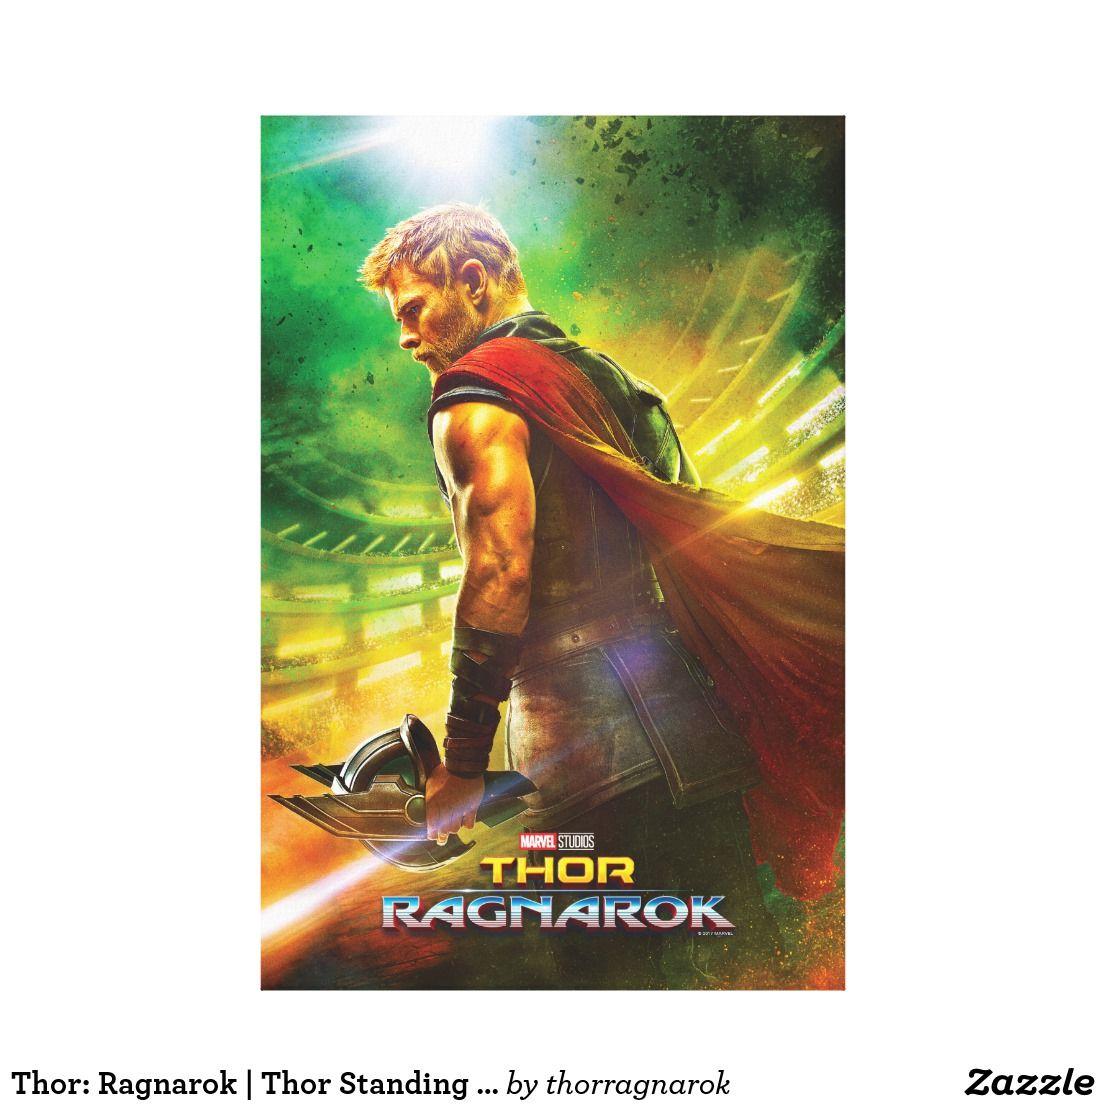 Thor Movie Poster Print Wall Art 8x10 11x17 16x20 22x28 24x36 27x40 Hemsworth